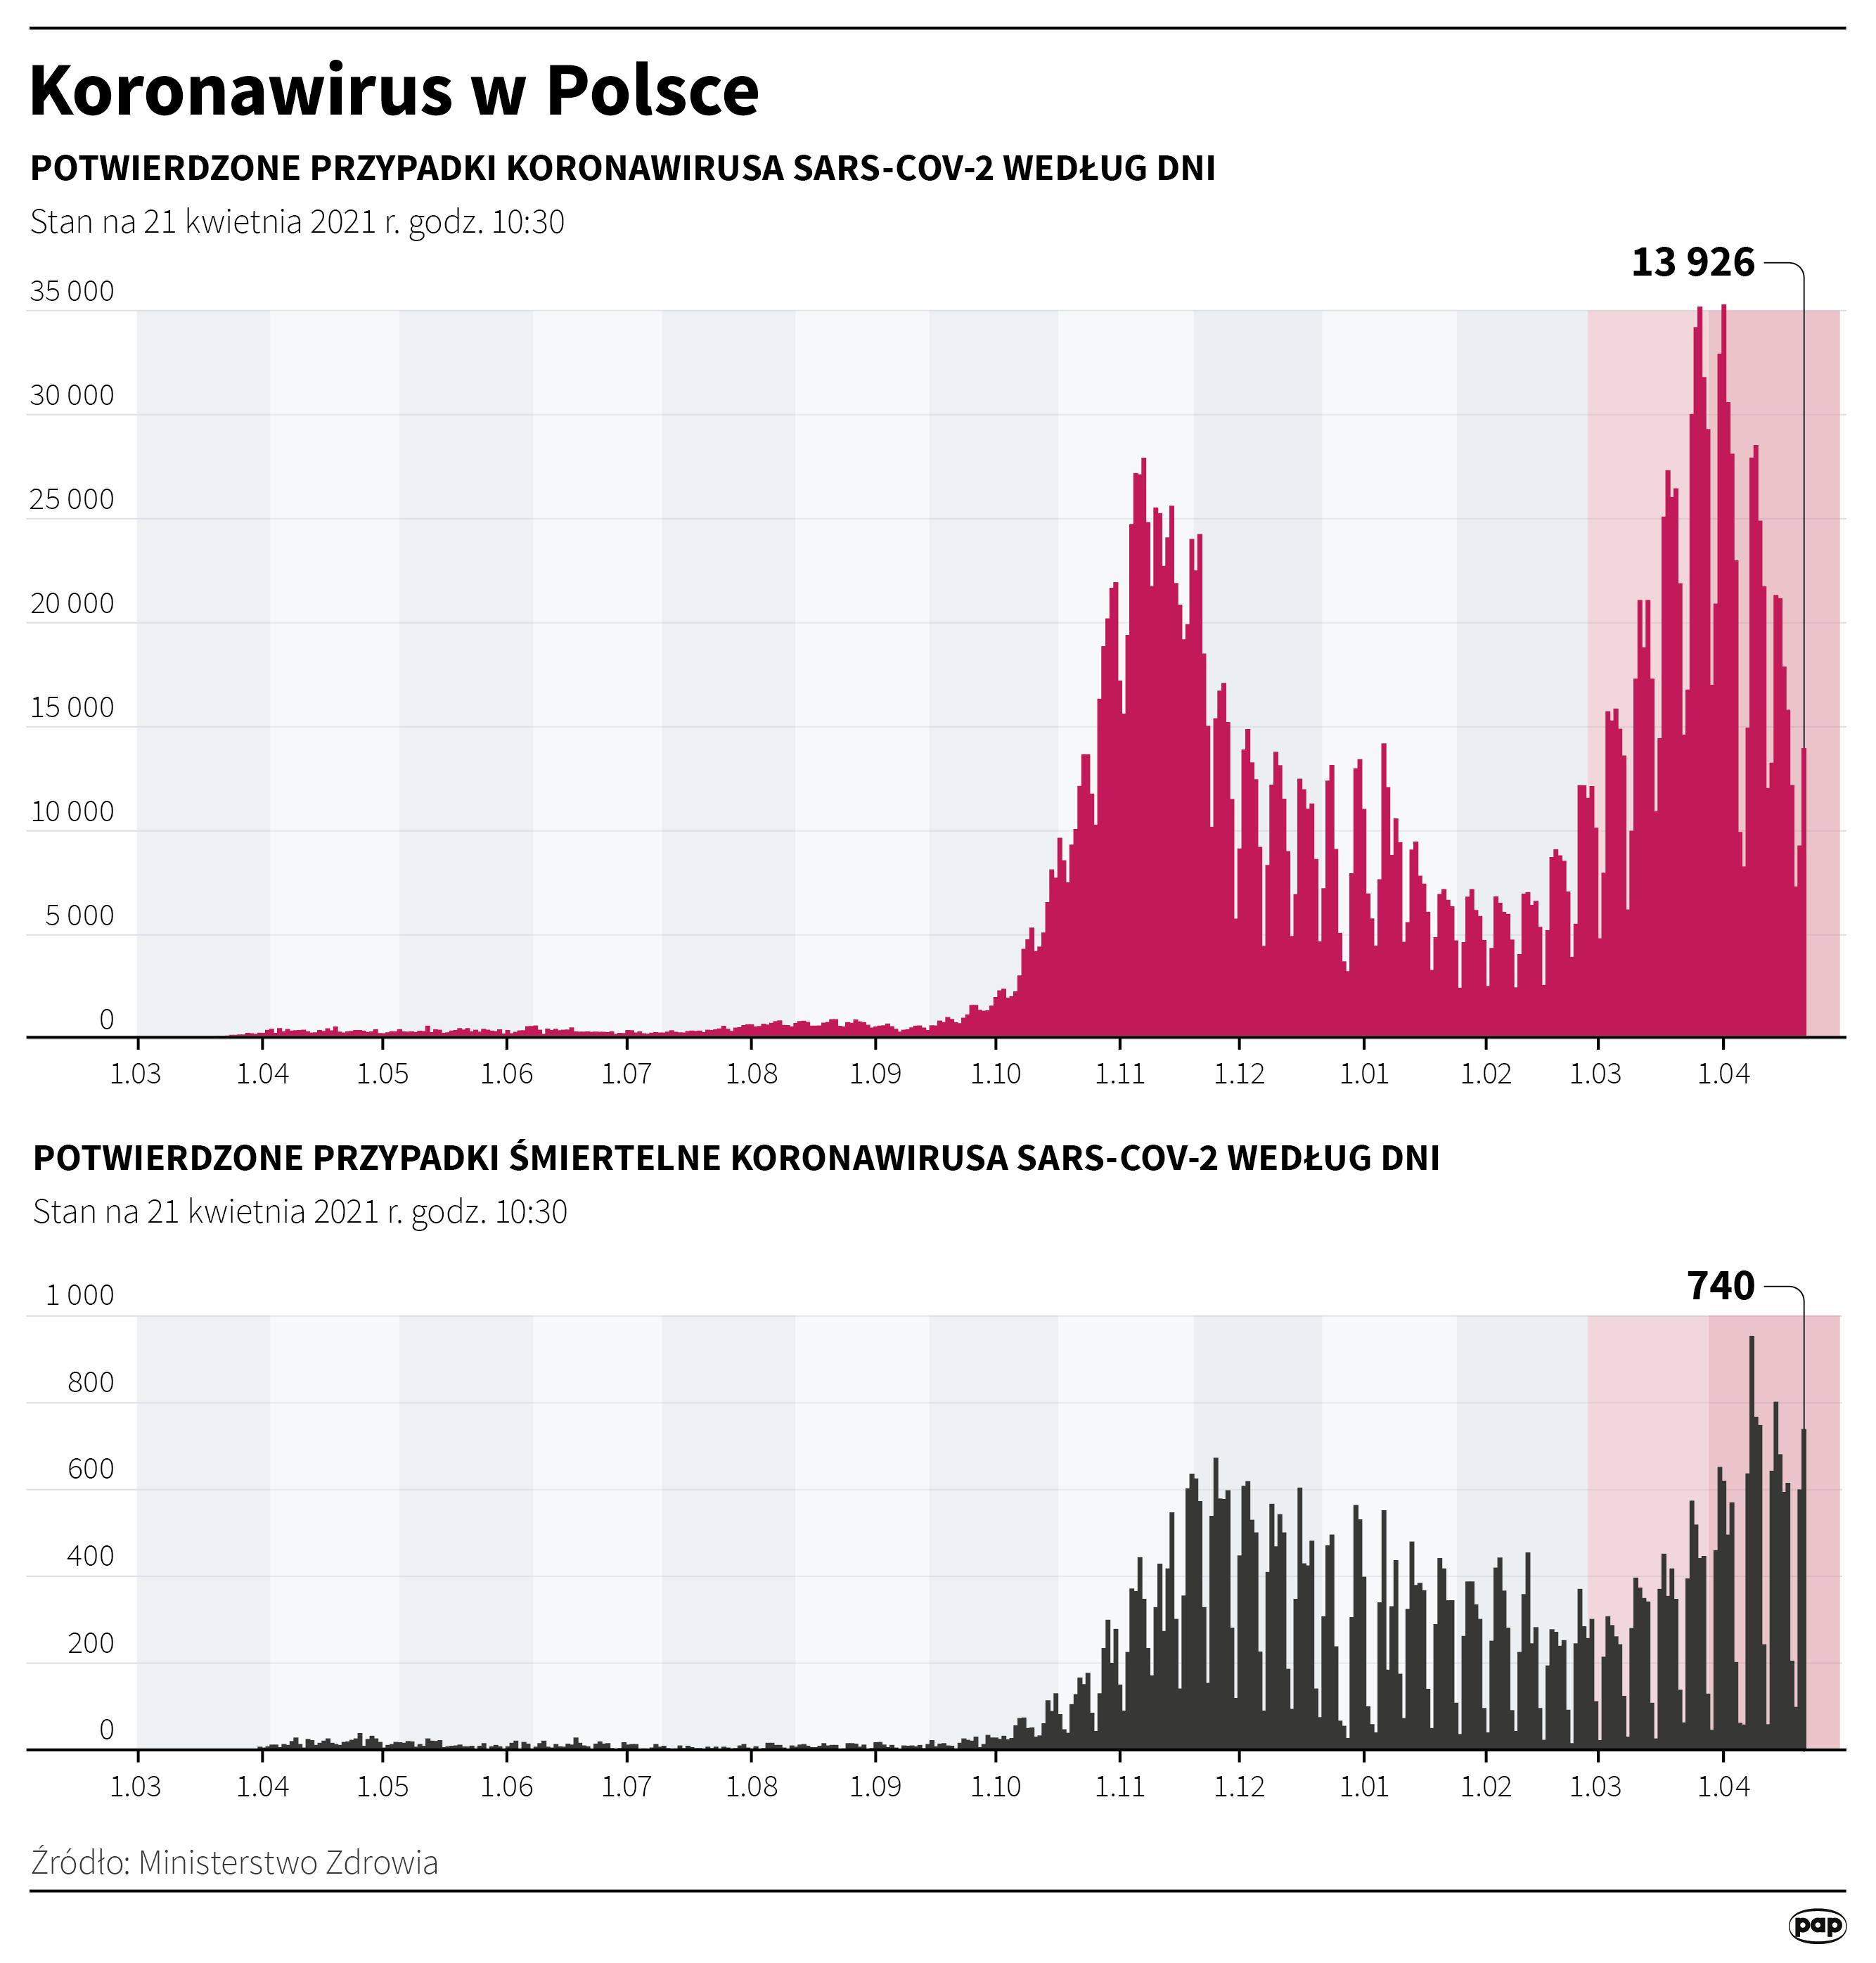 Koronawirus w Polsce stan na 21 kwietnia [autor: Maciej Zieliński, źródło: PAP]